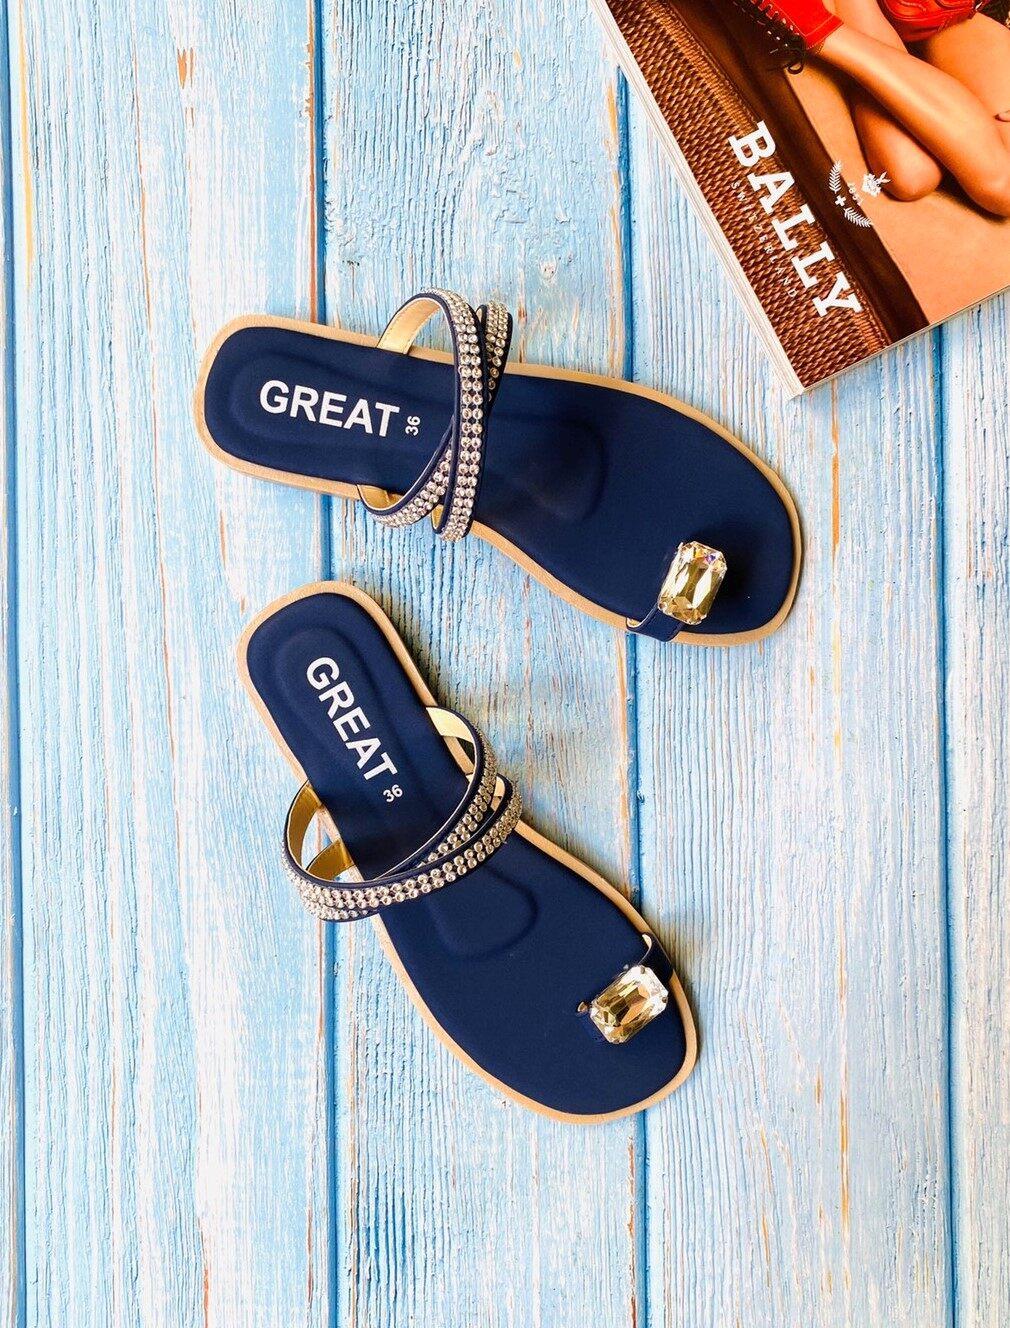 Great-A02 รองเท้าไซส์ใหญ่ รองเท้าผู้หญิงไซส์ใหญ่ รองเท้าแตะbig Size รองเท้าแฮนด์เมค คุณภาพคุ้มราคา สินค้าไทยเราผลิตเอง มีไซส์ใหญ่ครบ41-45.